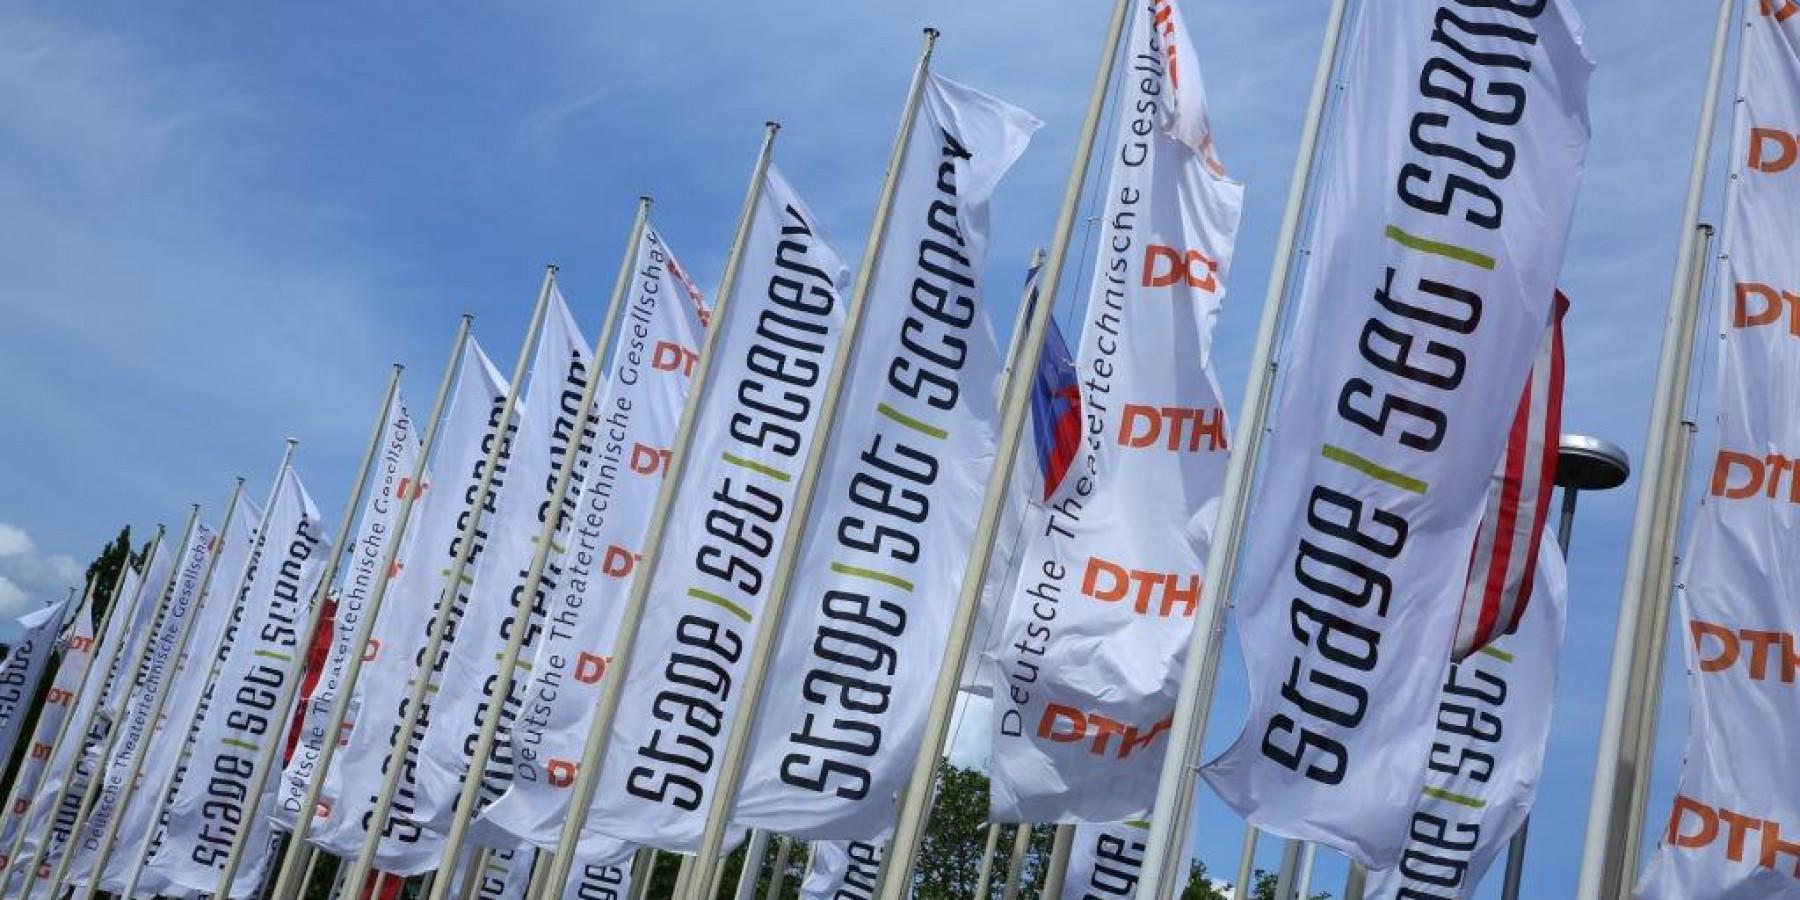 Messe Berlin legt vorerst Fokus auf Fachbesucher – Internationale Grüne Woche 2021 reiner Branchentreff